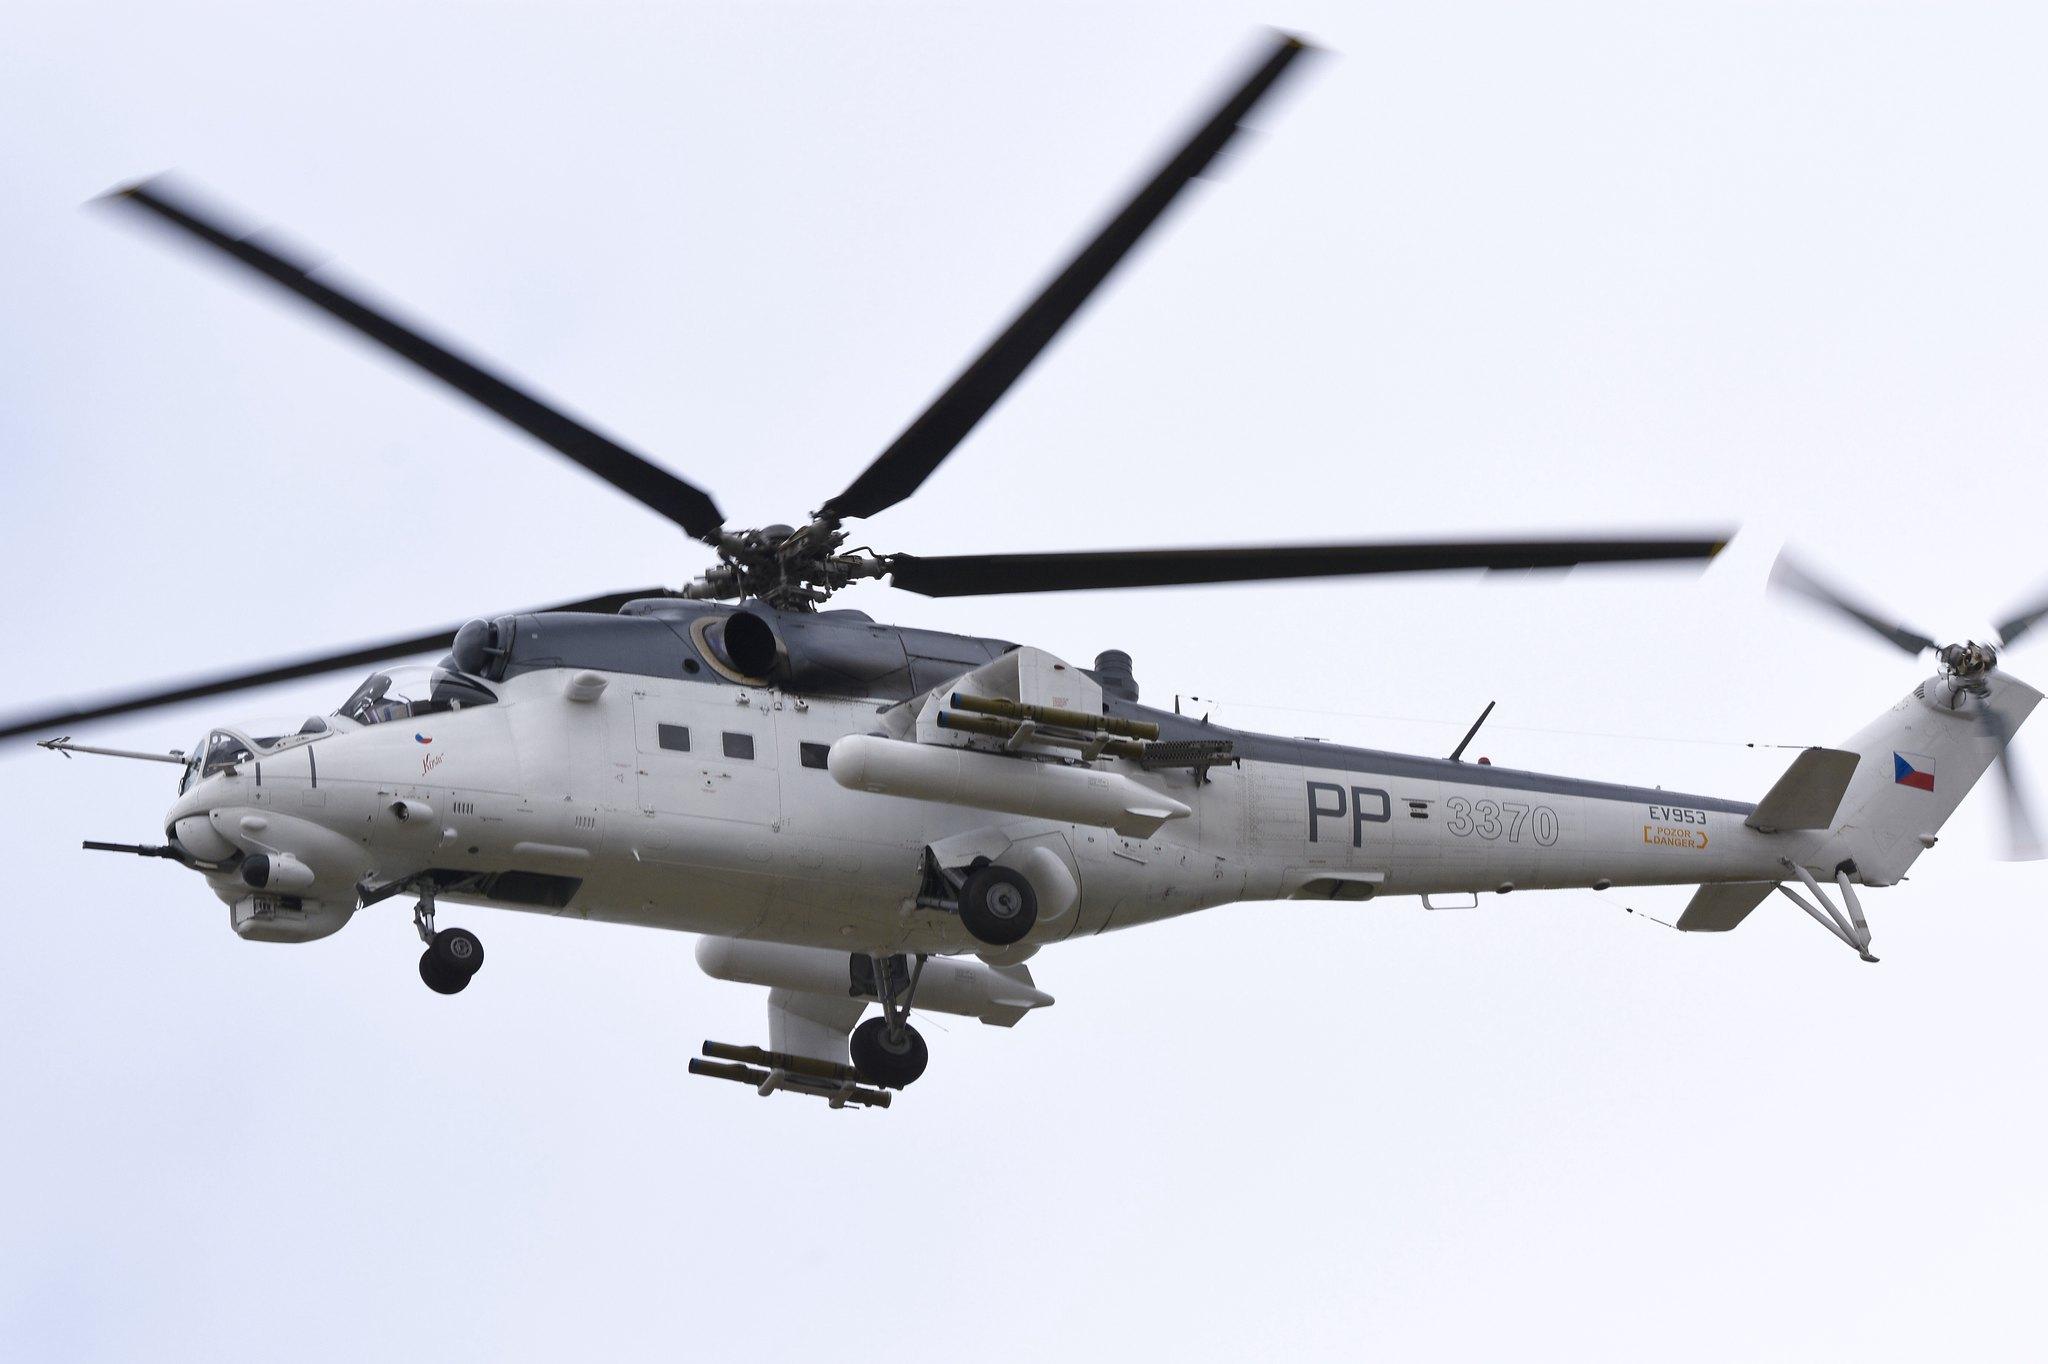 Mil Mi-24 Hind - Page 11 19098369134_c599f07ffa_k